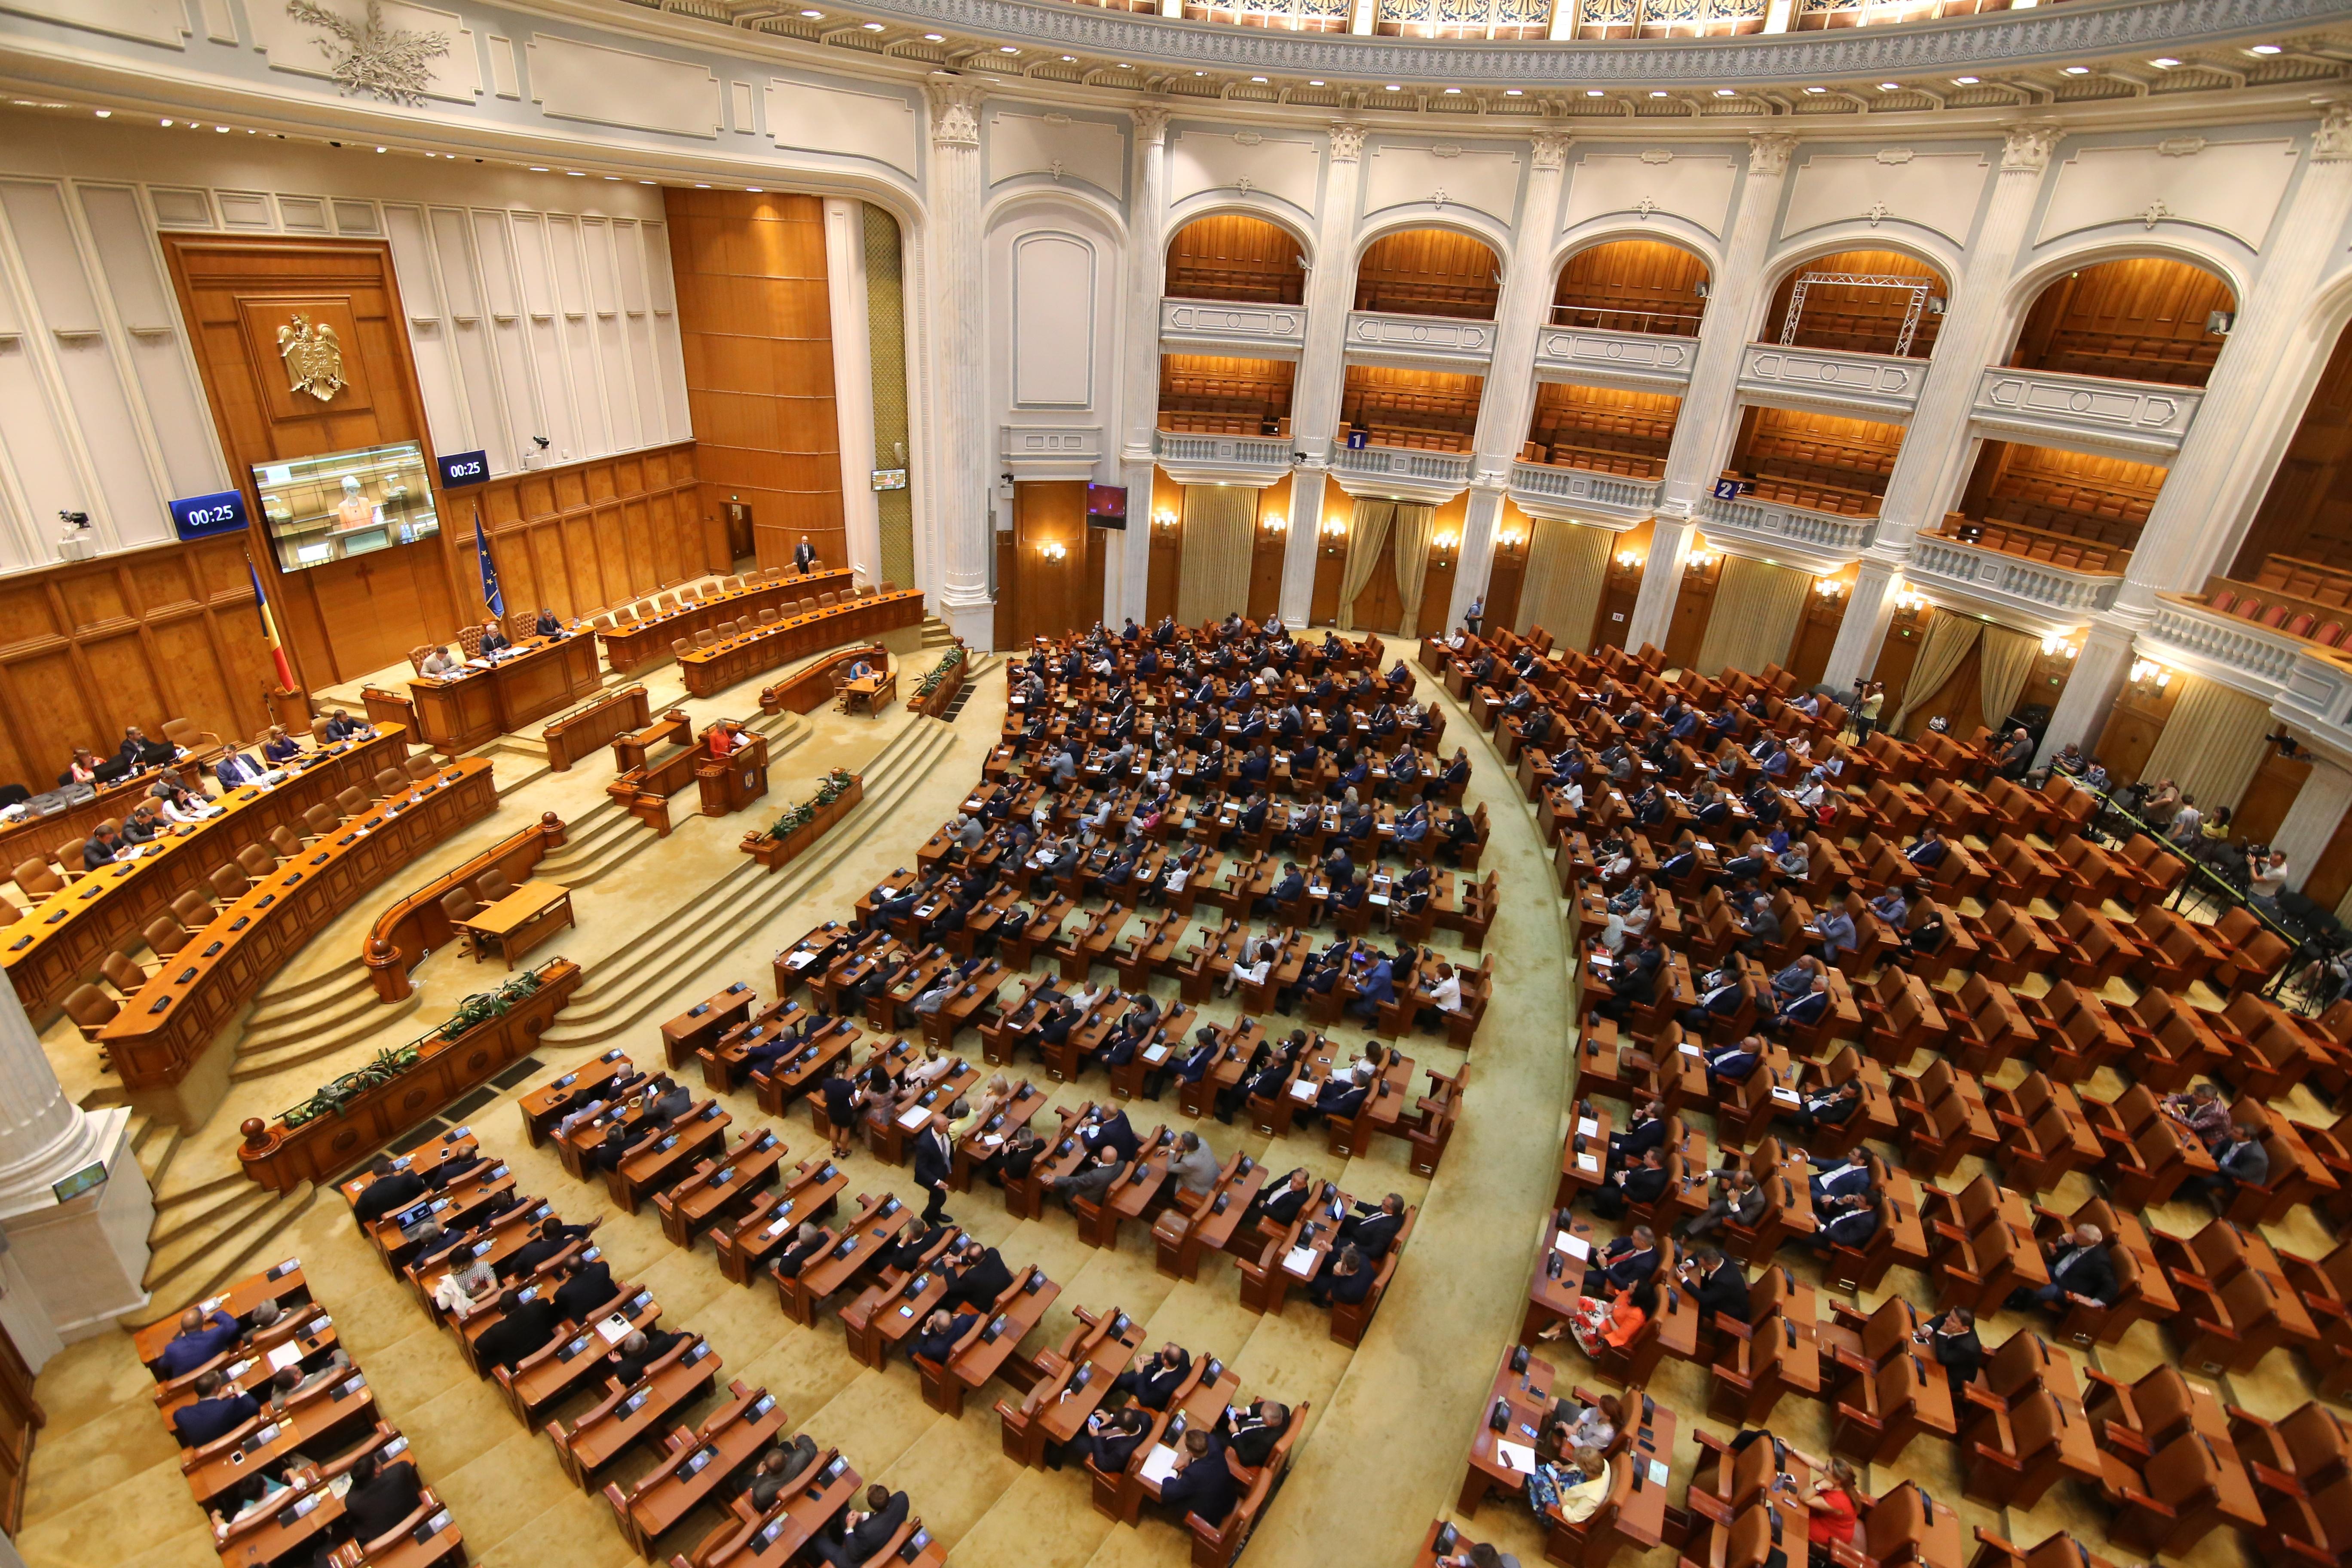 Lege modificata de alesi in favoarea alesilor. Ce se intampla cu actiunile la purtator